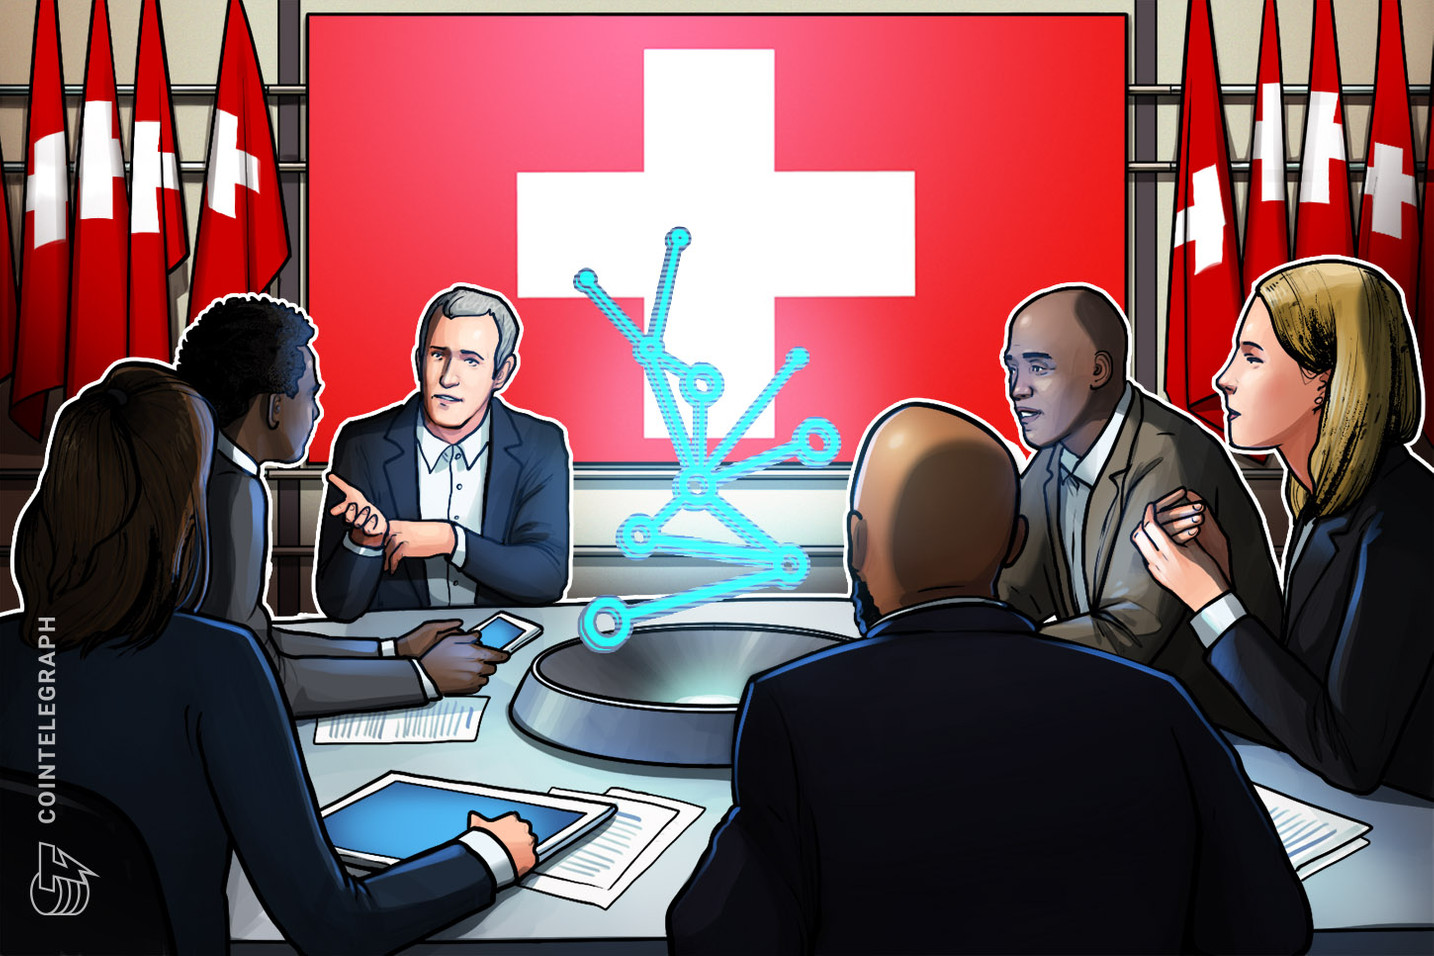 El Consejo Federal Suizo inicia el período de consulta sobre la Ley Blockchain